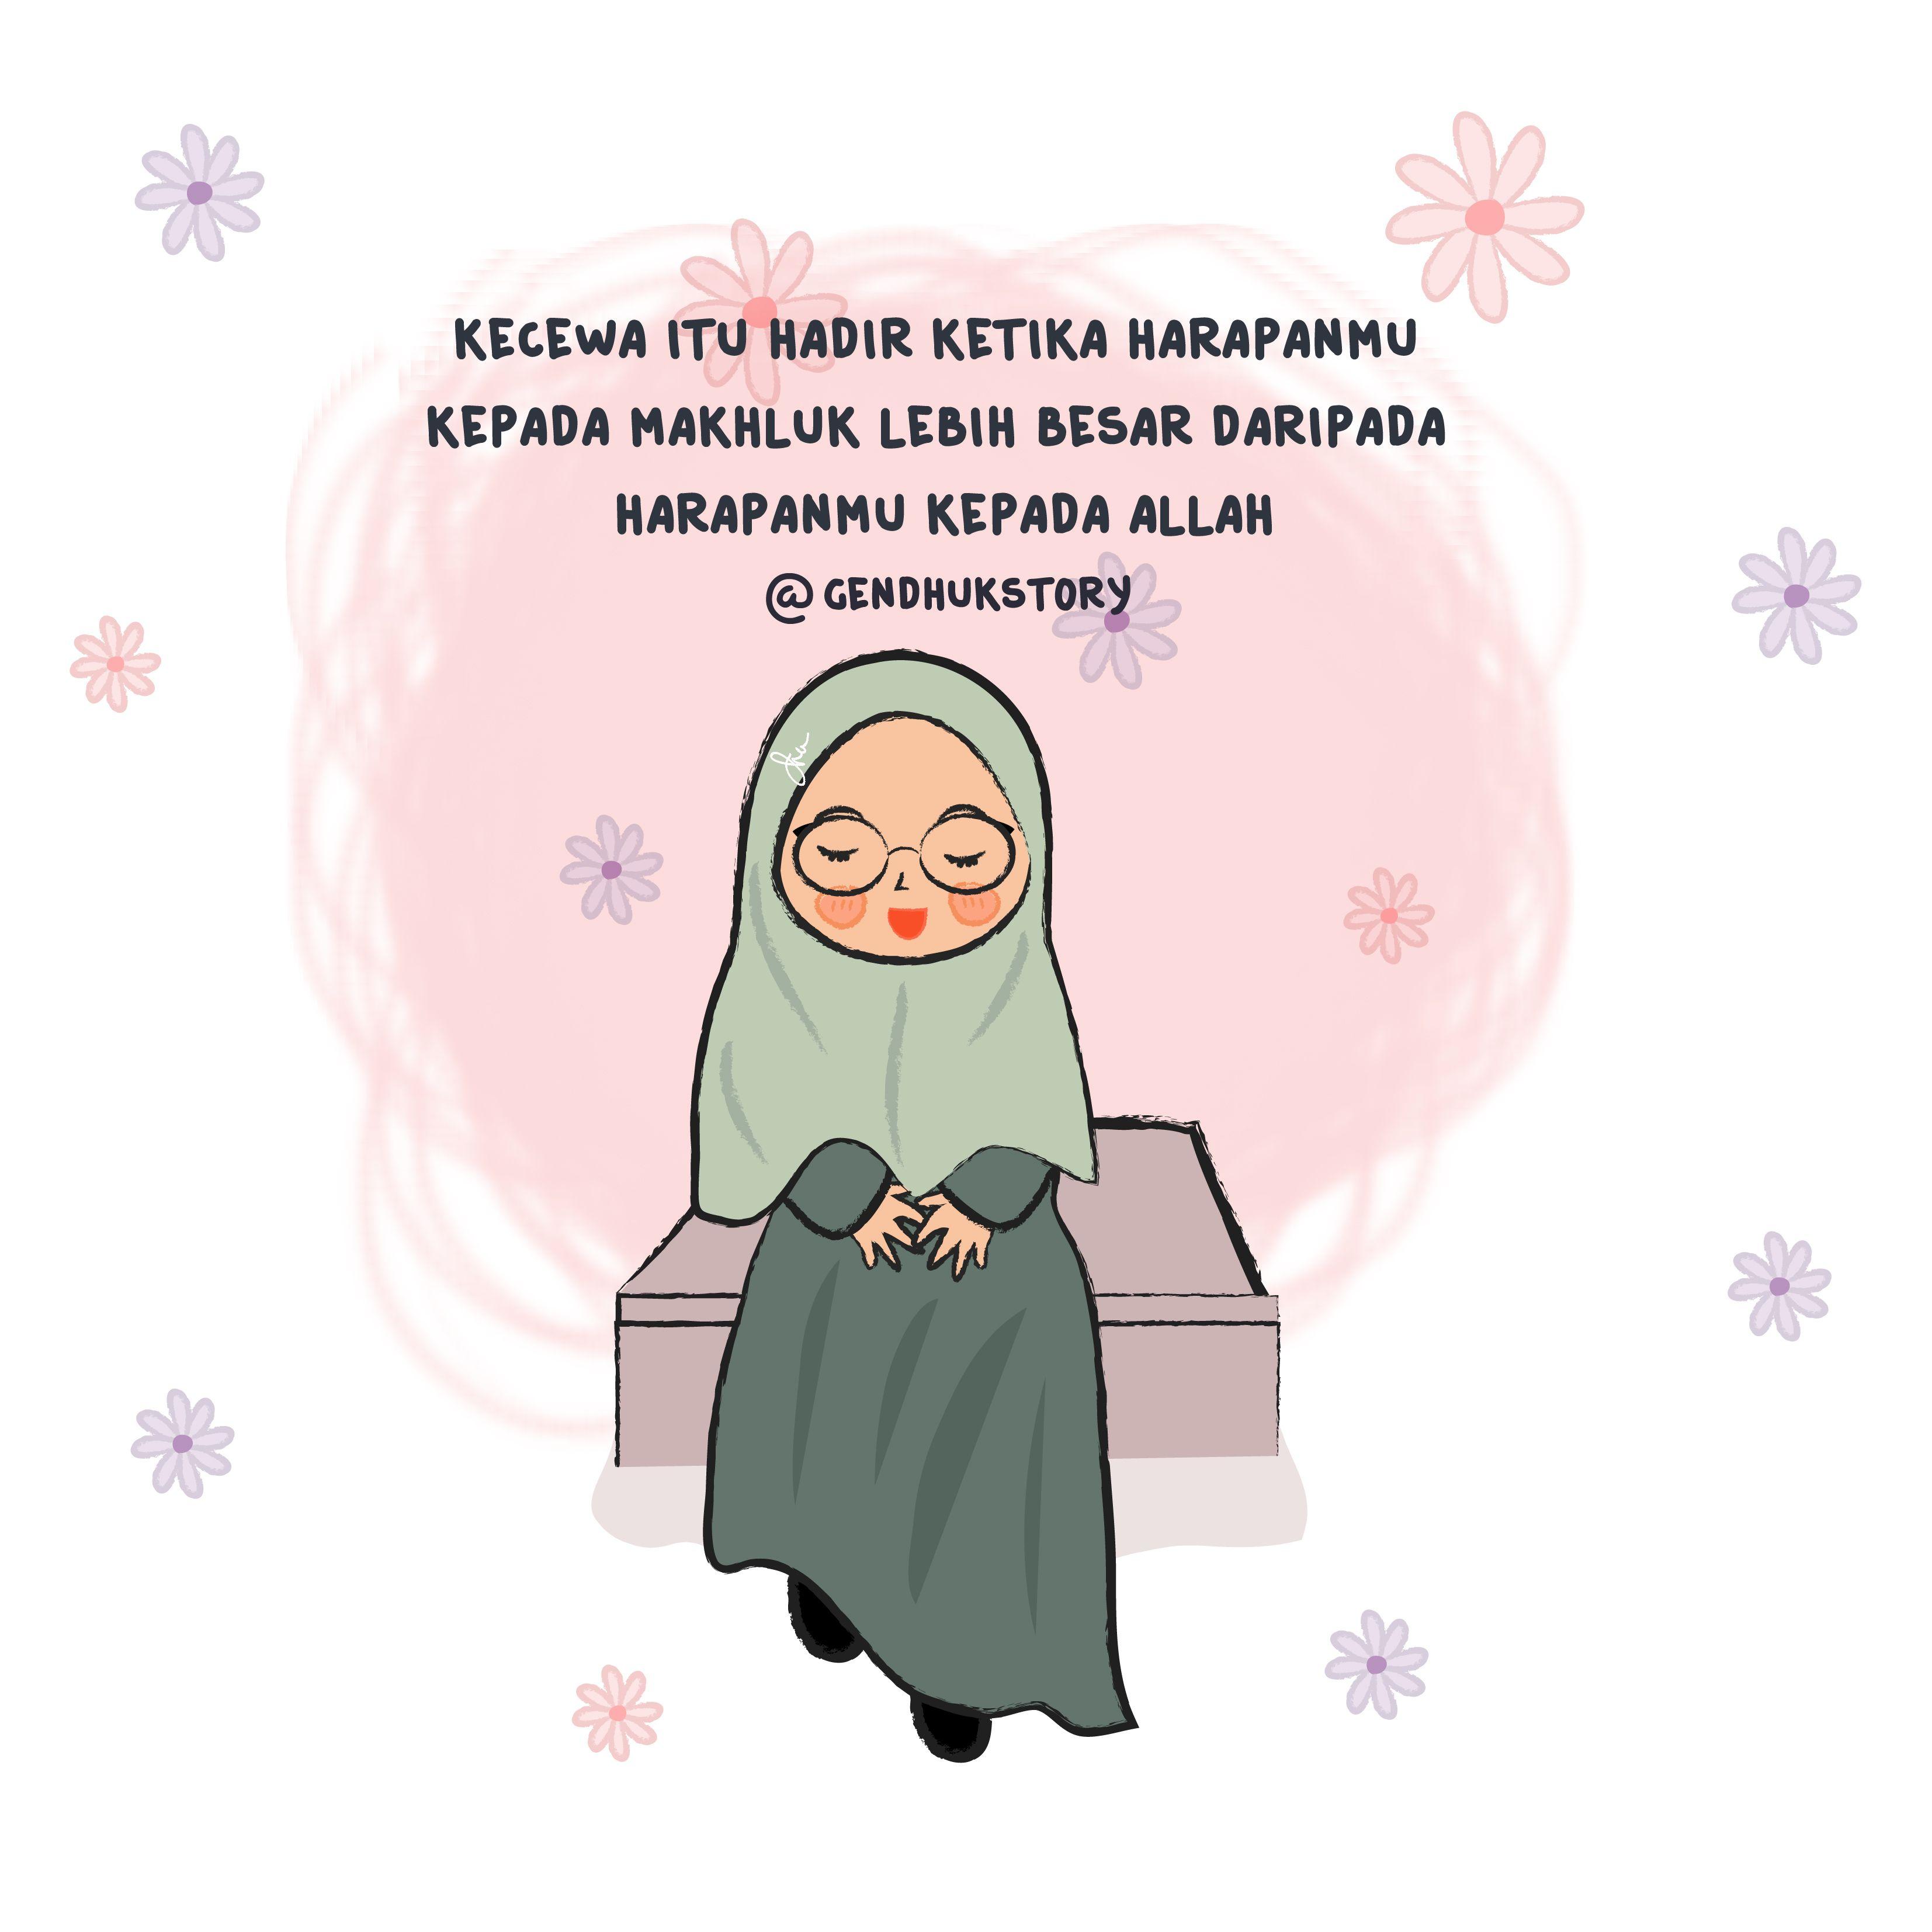 Gudang Gambar Kartun Islam Couple Phontekno